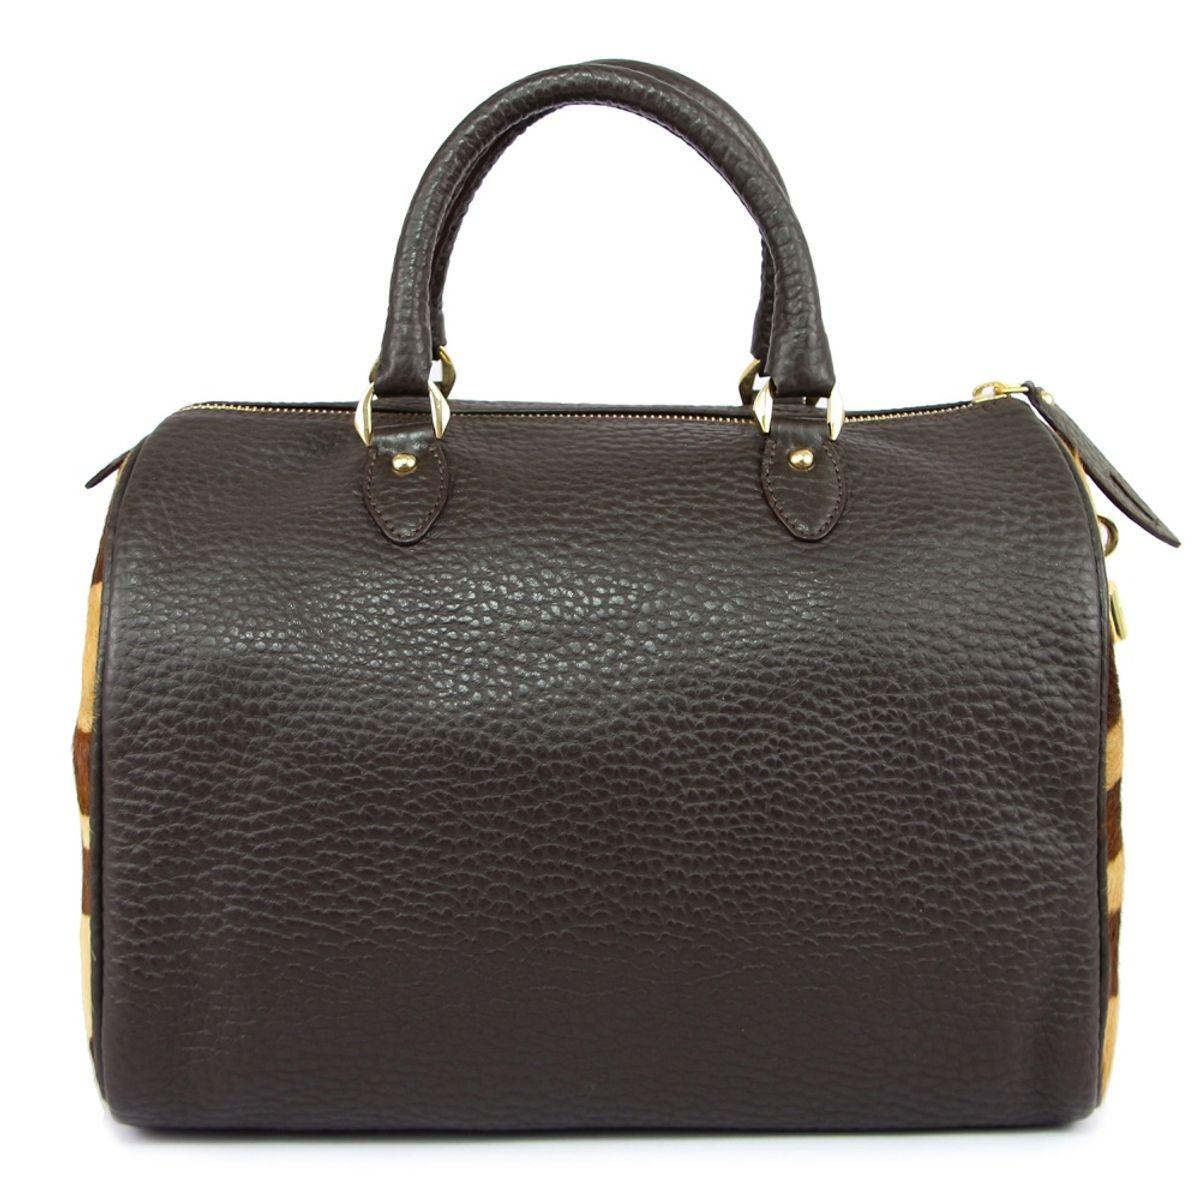 2a20ae1289 Da Milano Women Lb-4163 Brown Handbag